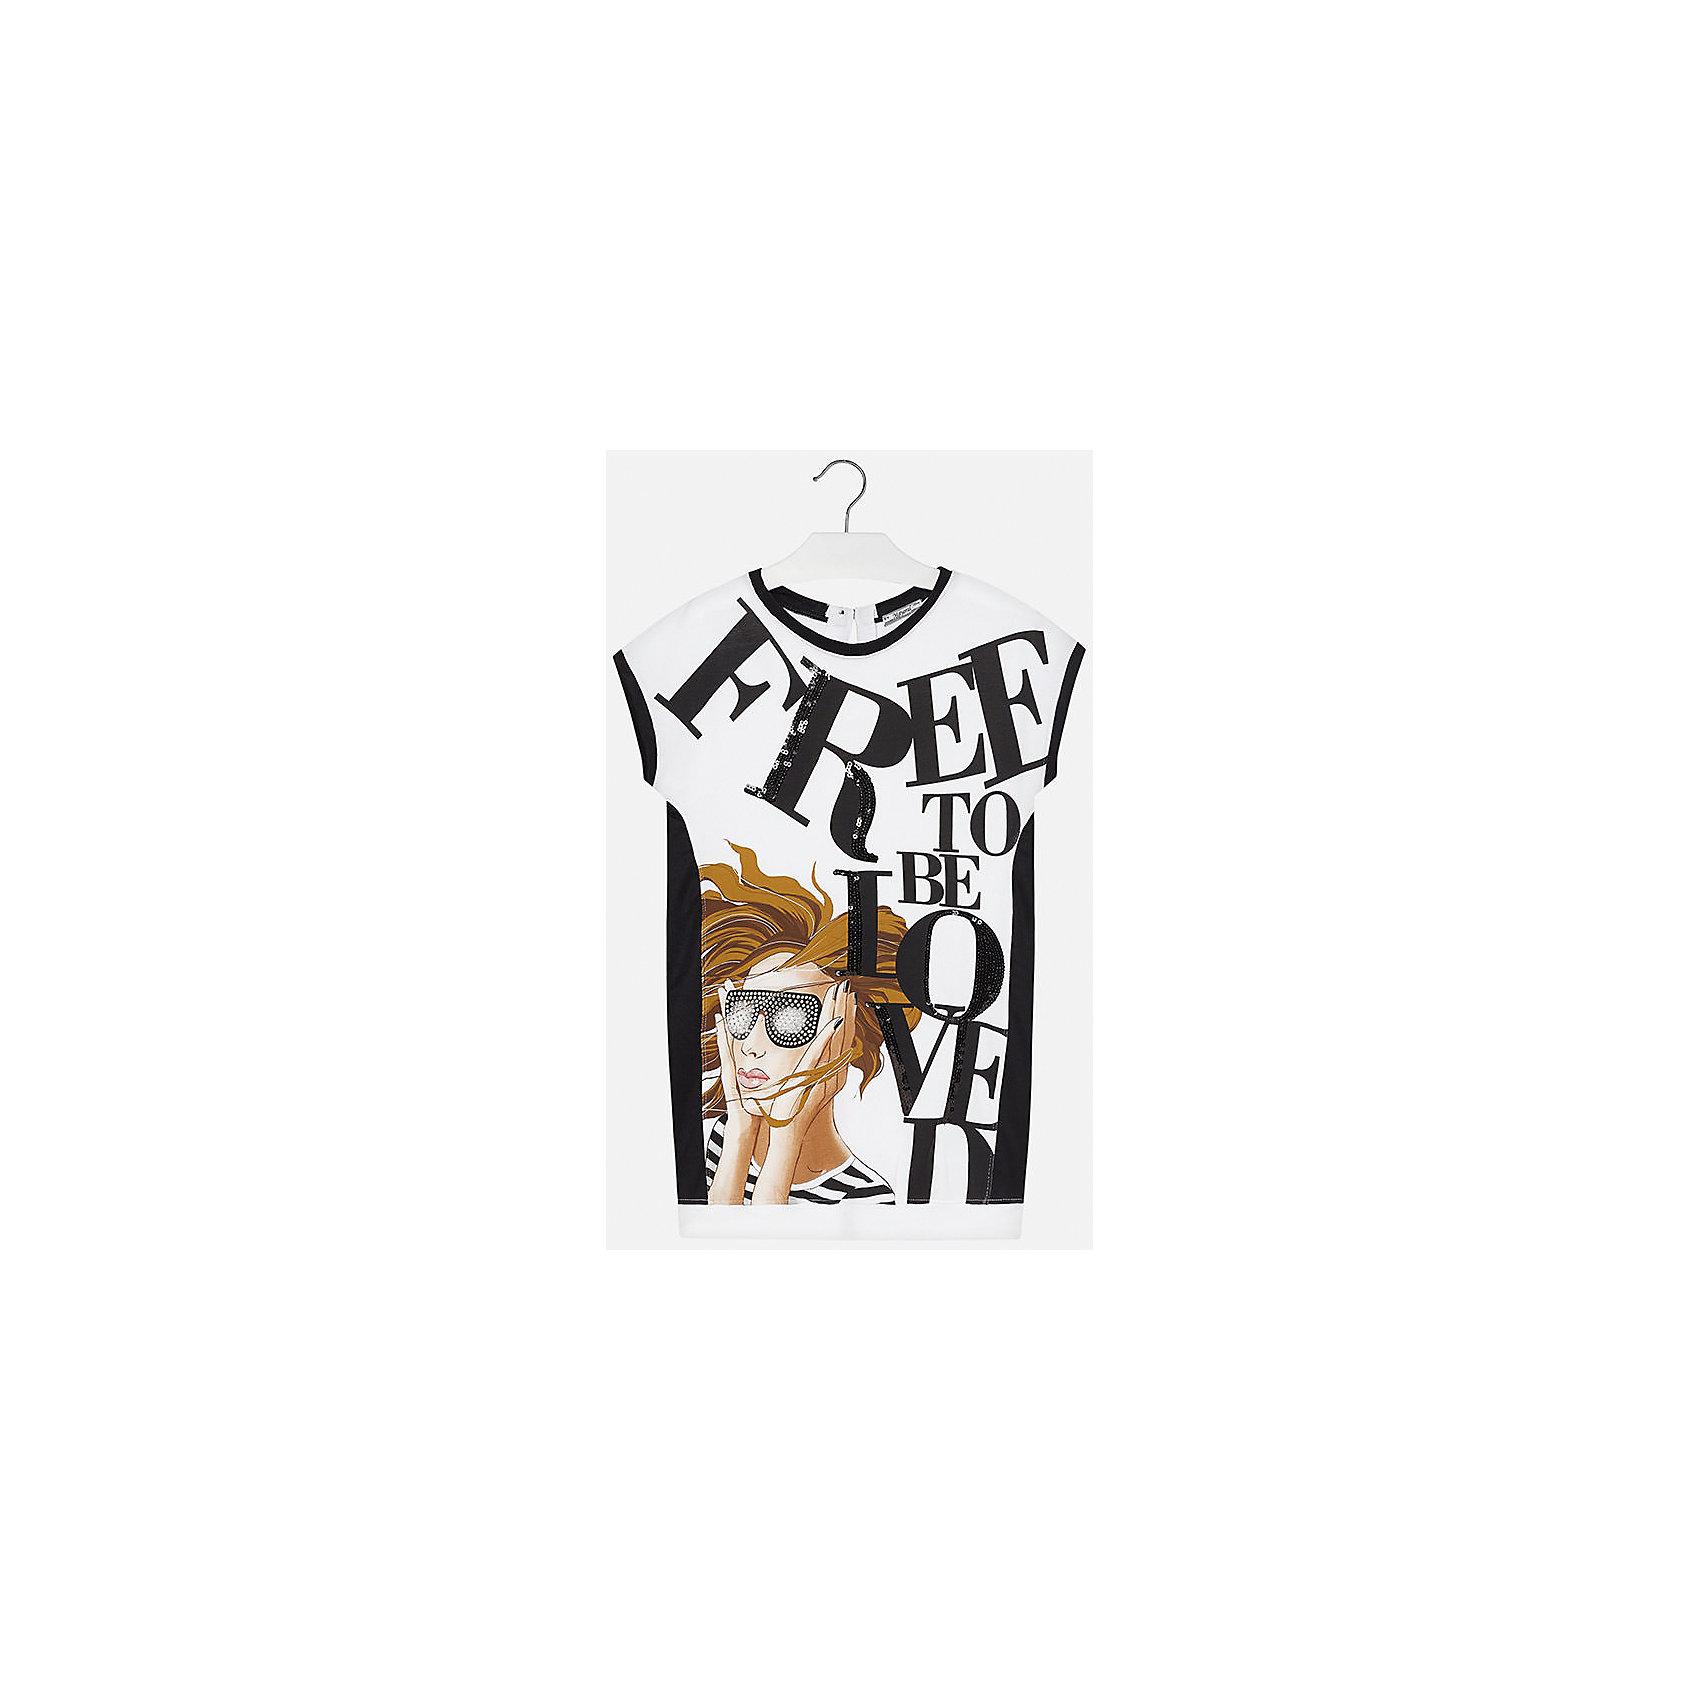 Платье для девочки MayoralПлатья и сарафаны<br>Характеристики товара:<br><br>• цвет: белый/чёрный<br>• состав: 95% хлопок, 5% эластан<br>• застежка - пуговица<br>• зауженный внизу силуэт<br>• короткие рукава<br>• декорировано принтом<br>• страна бренда: Испания<br><br>Стильное платье для девочки поможет разнообразить гардероб ребенка и создать эффектный наряд. Оно подойдет для различных случаев.Платье хорошо сидит по фигуре. В составе материала - натуральный хлопок, гипоаллергенный, приятный на ощупь, дышащий.<br><br>Платье для девочки от испанского бренда Mayoral (Майорал) можно купить в нашем интернет-магазине.<br><br>Ширина мм: 236<br>Глубина мм: 16<br>Высота мм: 184<br>Вес г: 177<br>Цвет: черный<br>Возраст от месяцев: 156<br>Возраст до месяцев: 168<br>Пол: Женский<br>Возраст: Детский<br>Размер: 164,170,128/134,140,152,158<br>SKU: 5293297